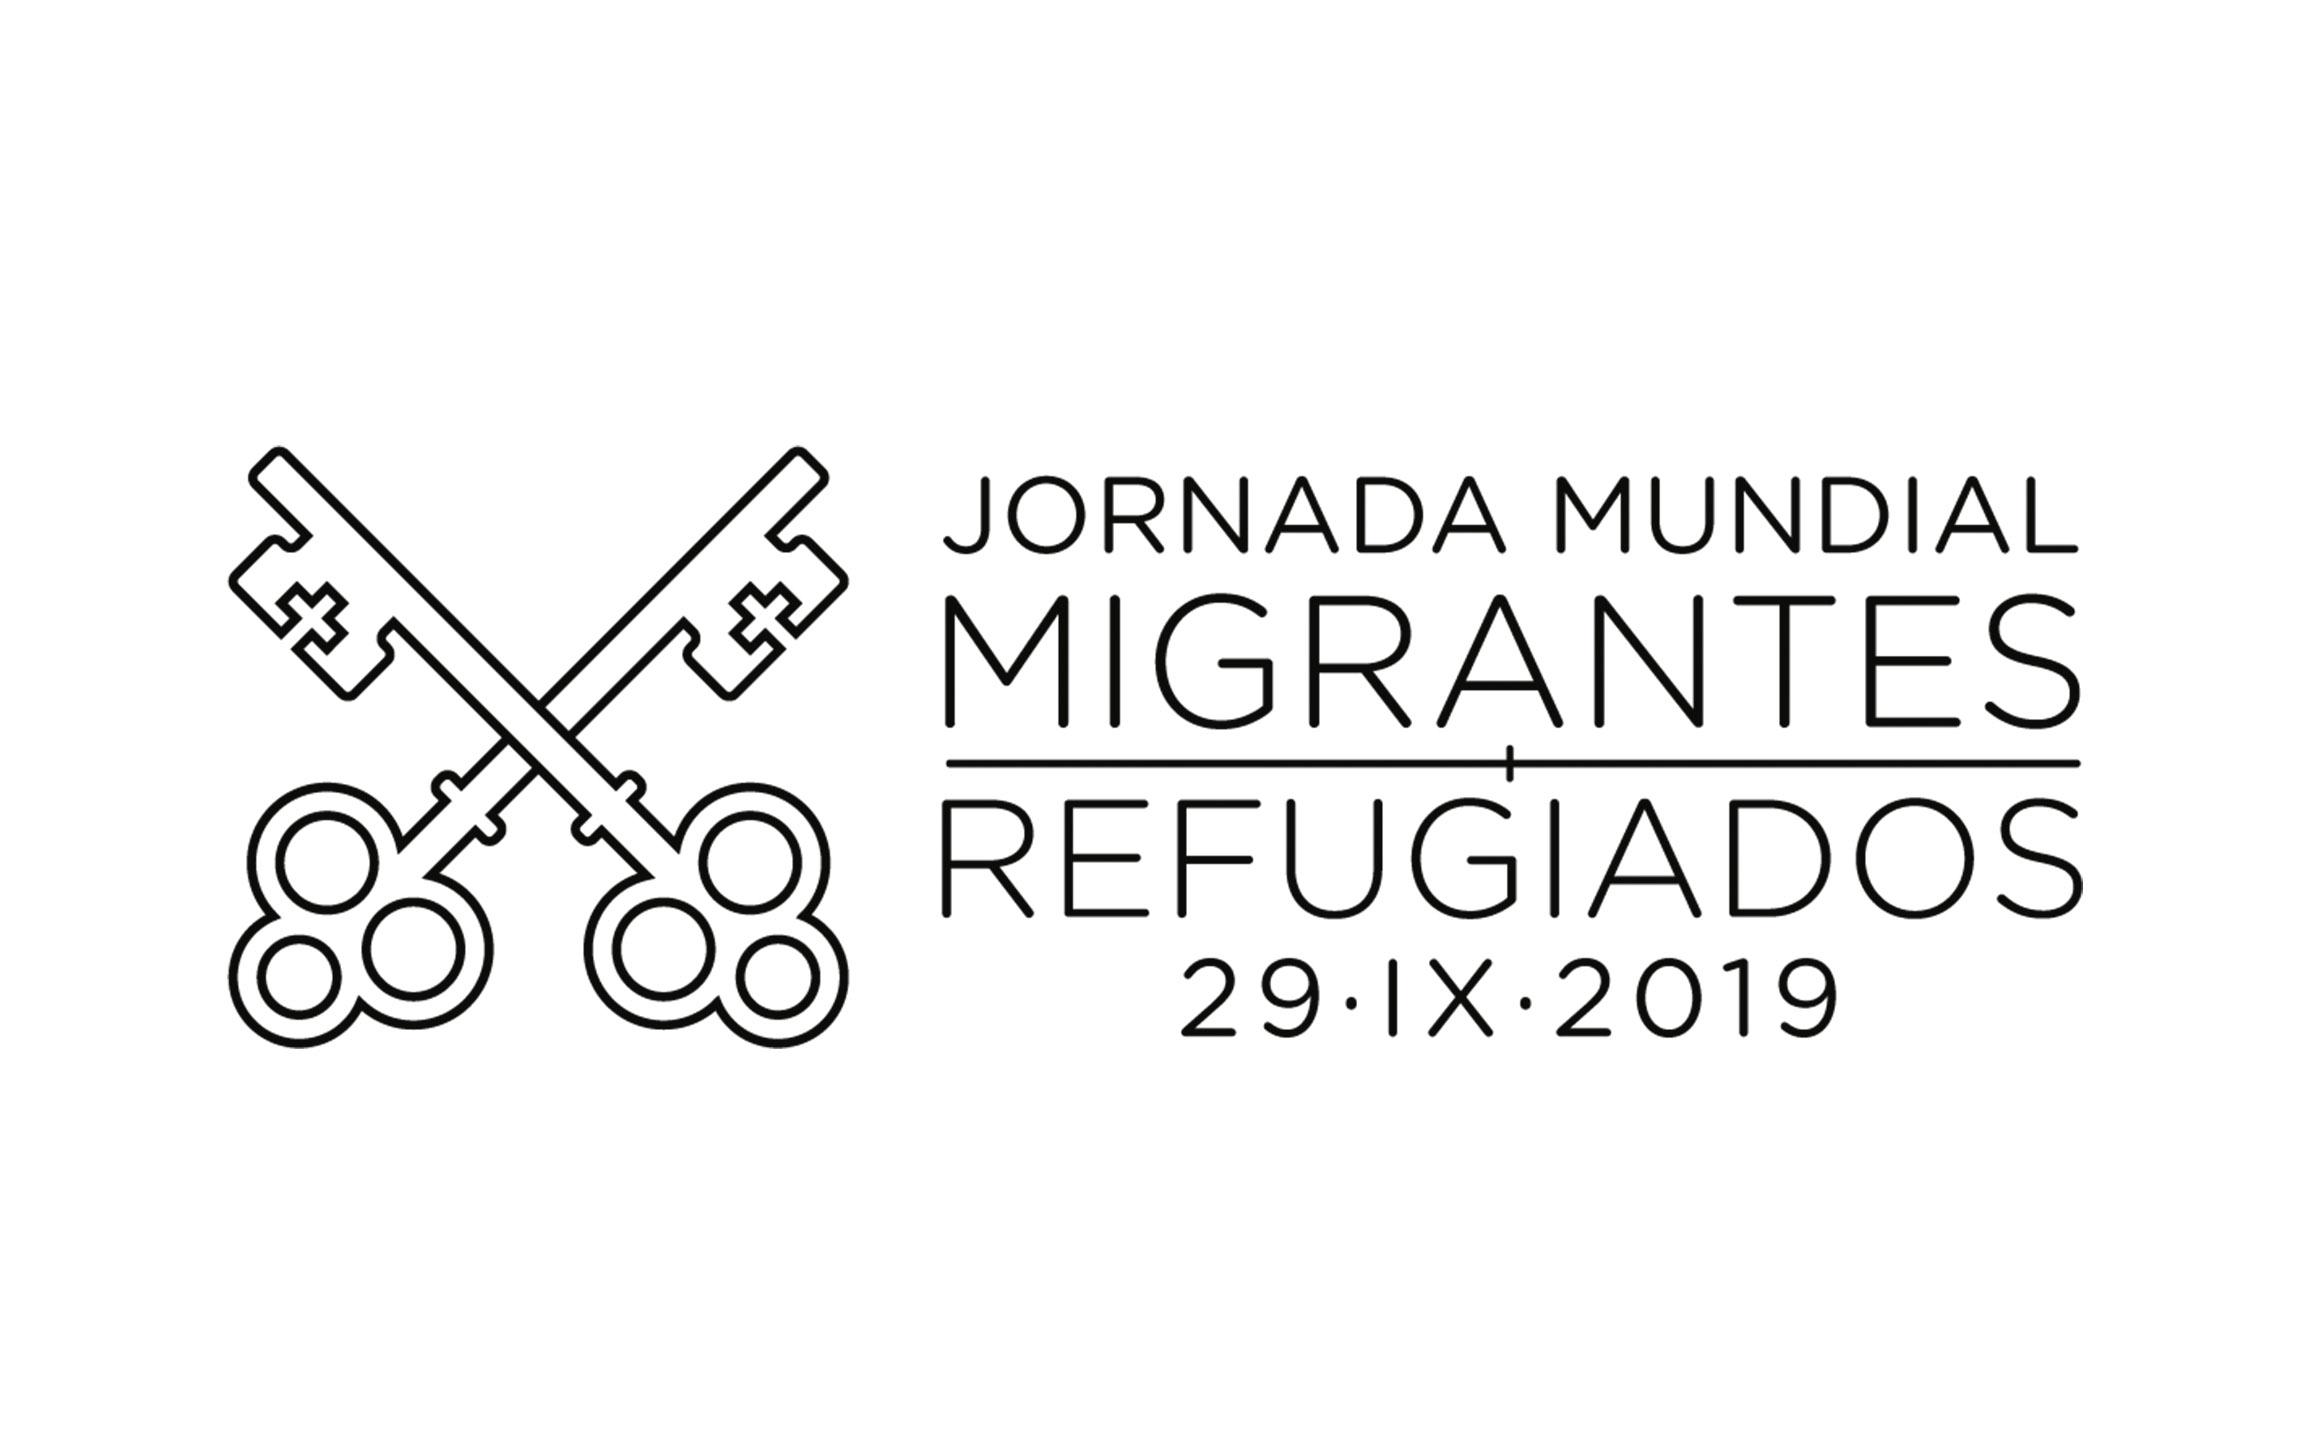 Logo Jornada Mundial Migrantes y Refugiados 2019